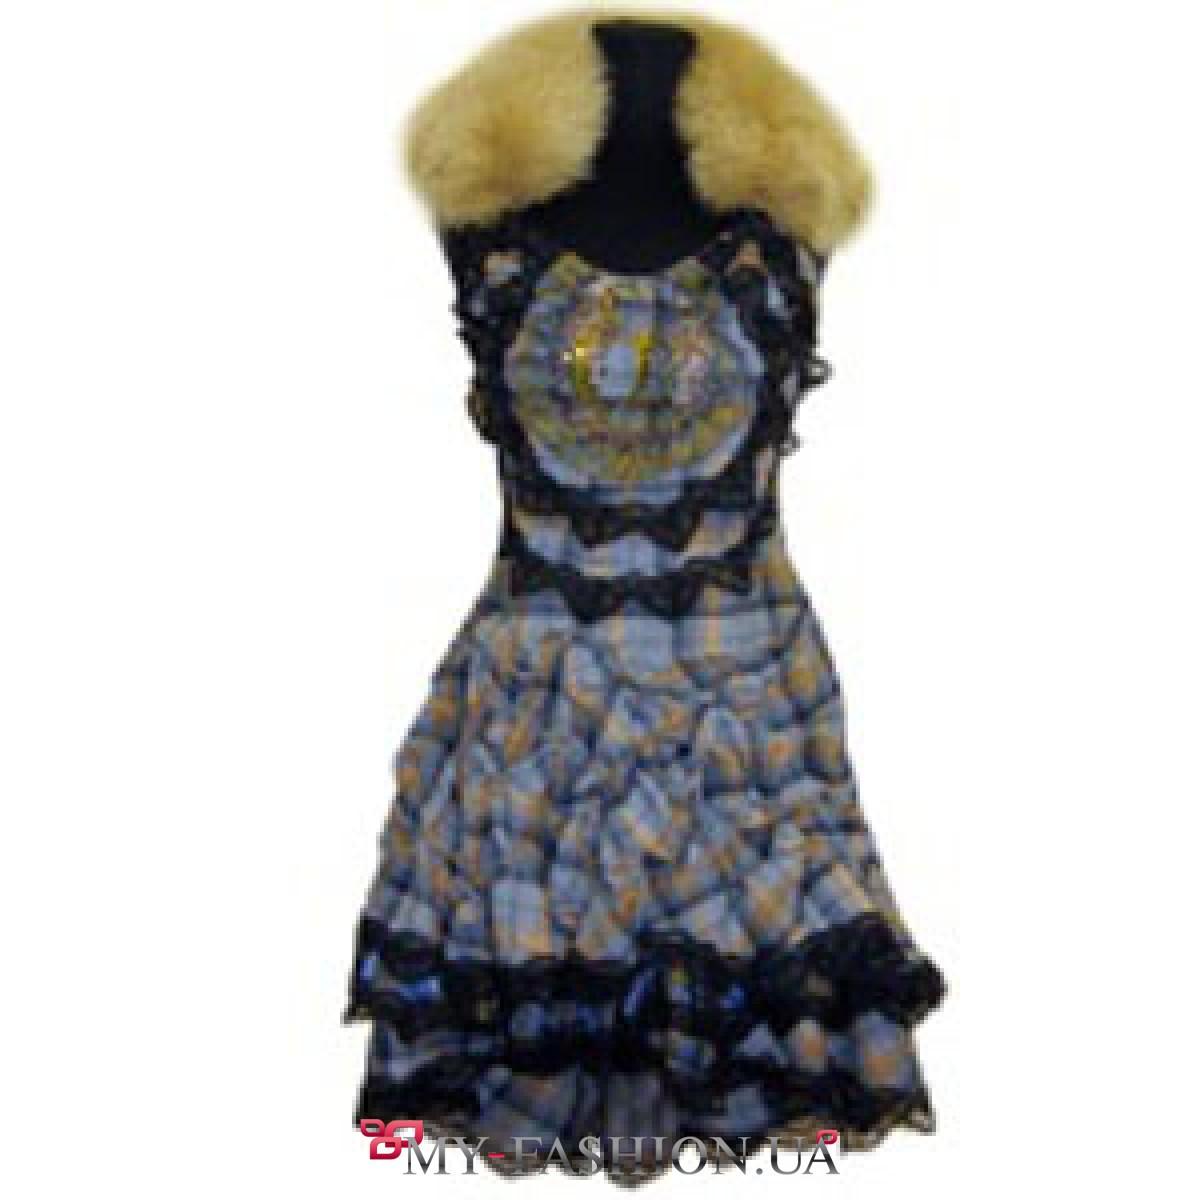 Элис женская одежда доставка